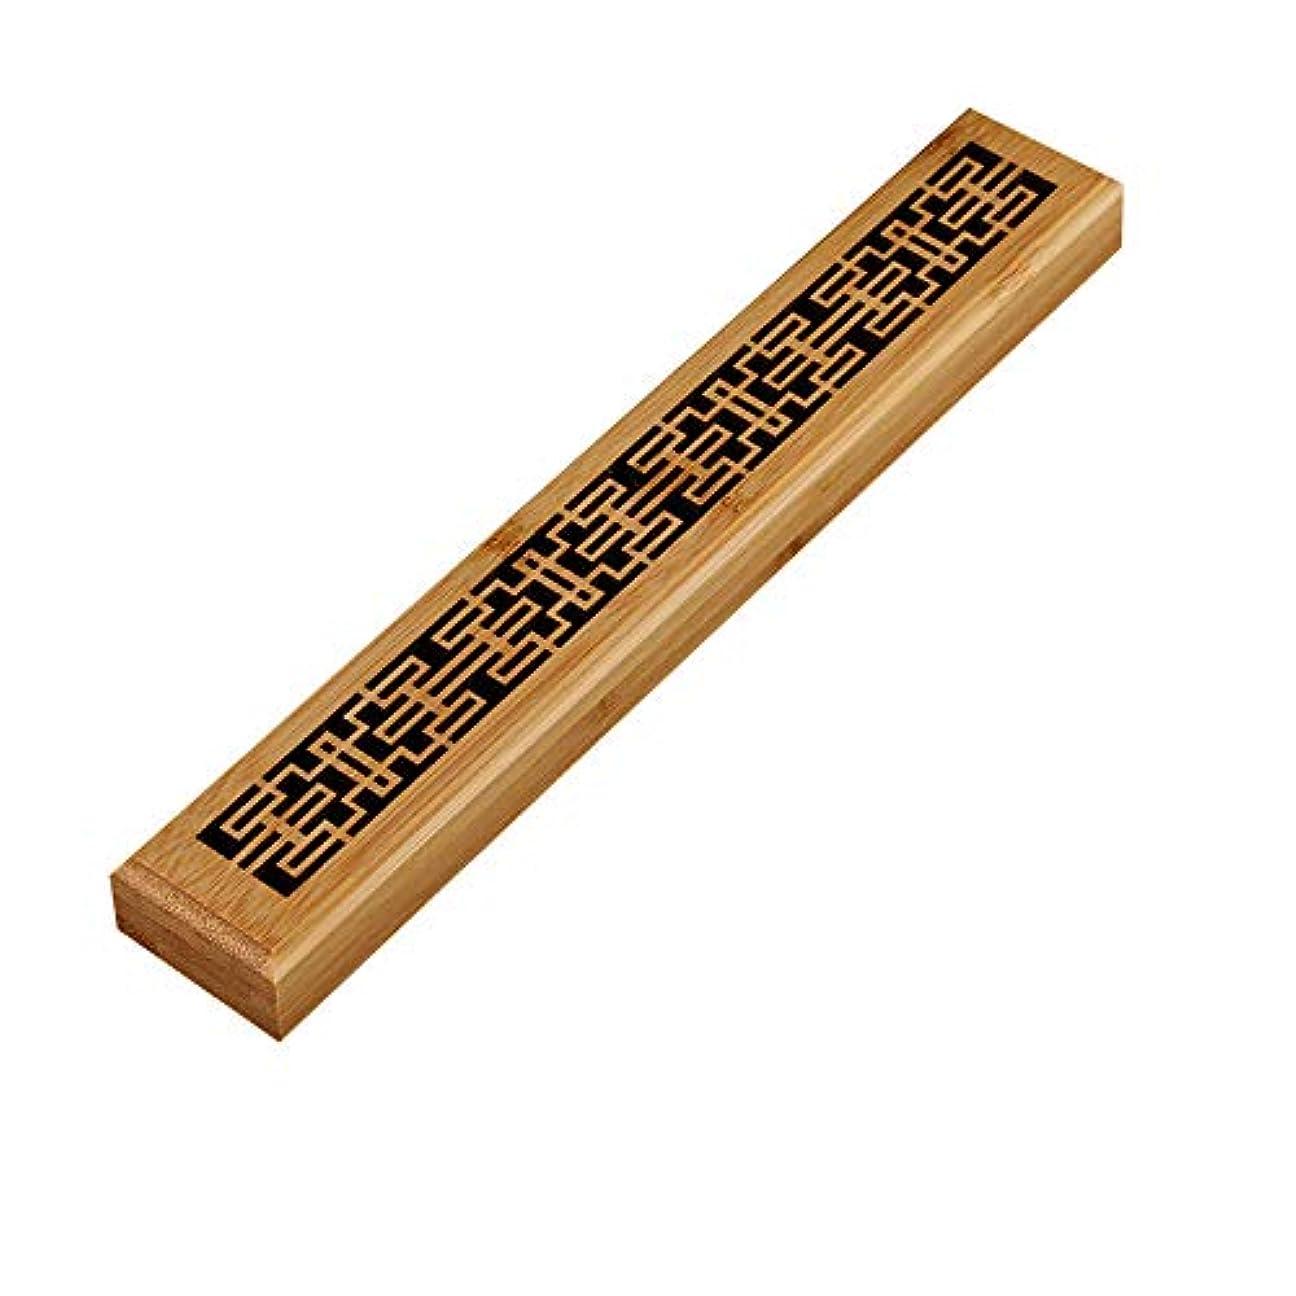 効能ある心理的に実業家便利な竹香りボックス彫刻ライン香ボックス香り竹中空香炉木材工芸品 (ハイウィンドウ)